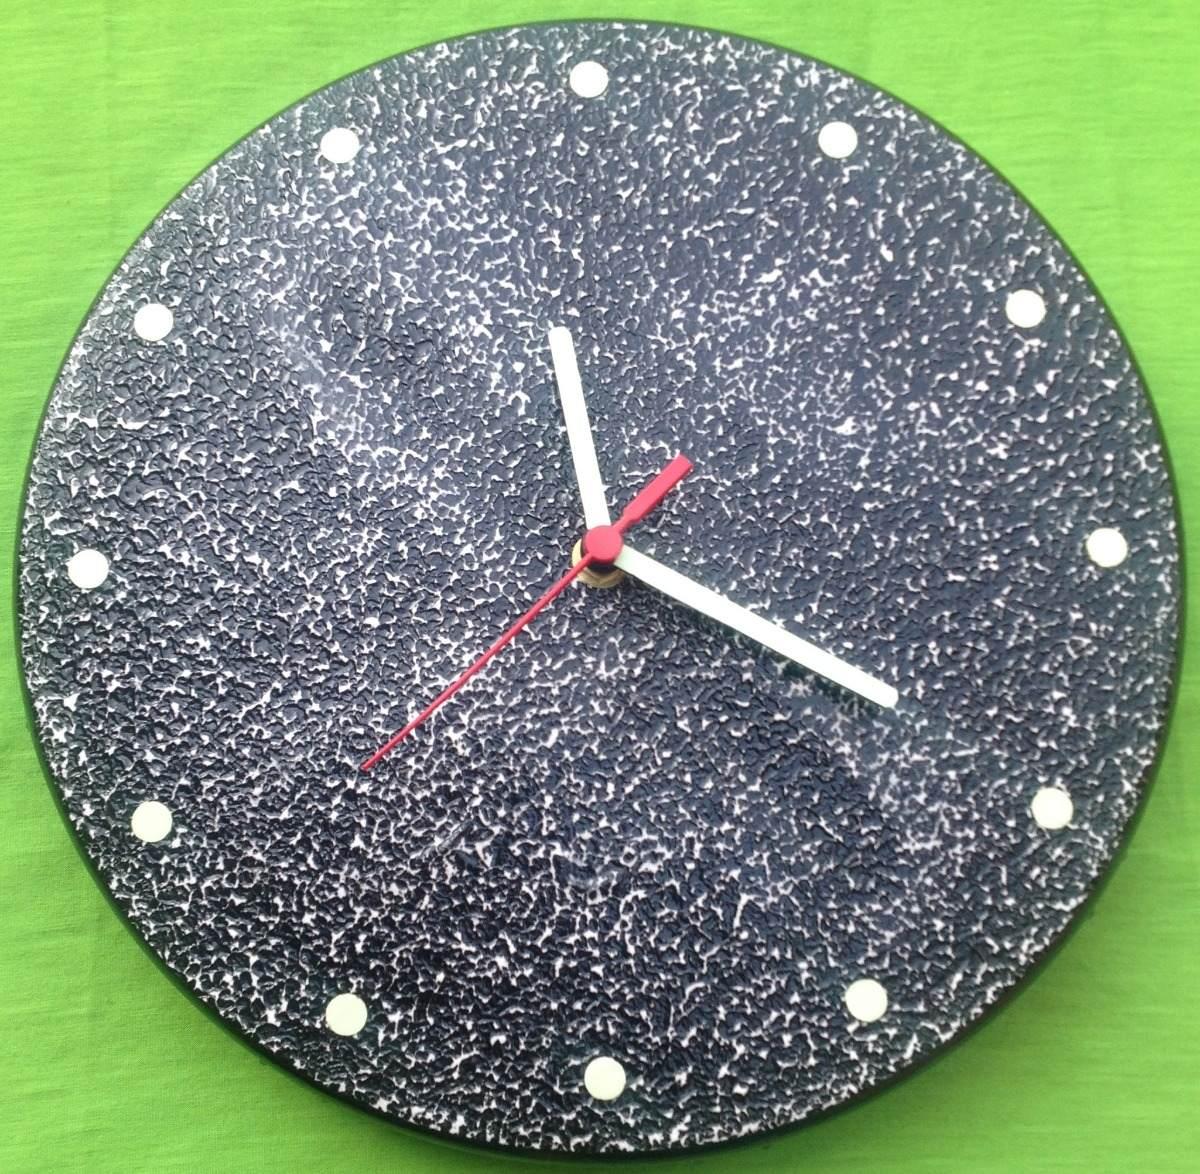 372cf5047bf relógio de parede artesanal sala quarto cozinha decoração pb. Carregando  zoom.